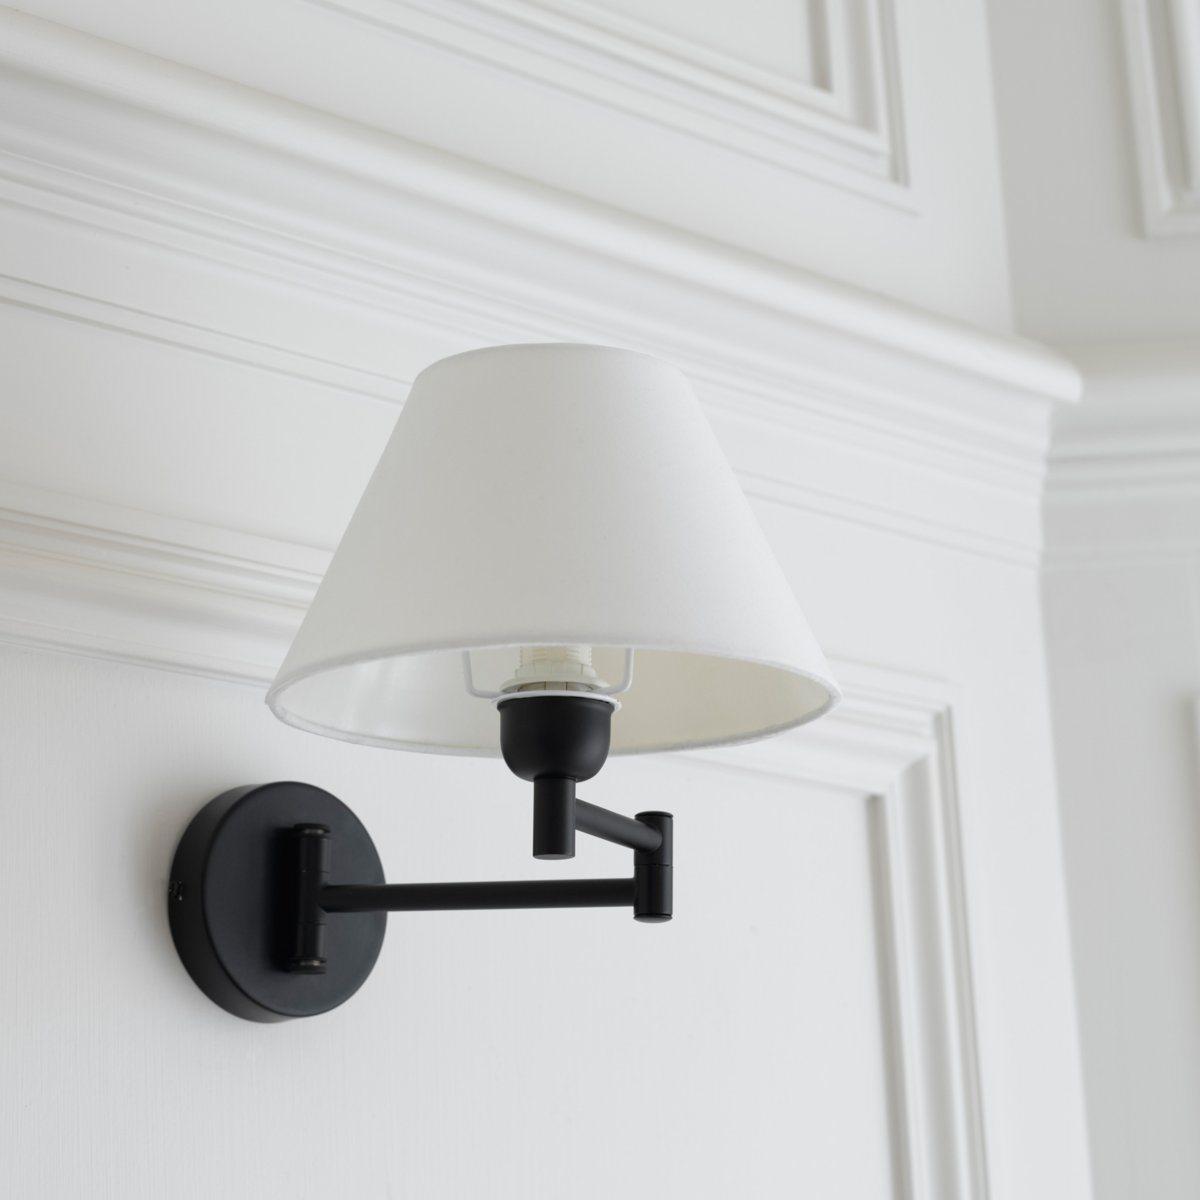 Светильник на шарнирном соединении, NynaСветильник Nyna. Современный настенный светильник Nyna обладает секретом создания изысканной и интимной атмосферы .Описание светильника  Nyna   :Абажур светло-бежевого цвета .Низ закругленной формы .Патрон E14 для лампочки макс. 40W (не входит в комплект)  .Этот светильник совместим с лампочками    энергетического класса   : A-B-C-D-E  Характеристики светильника  Nyna  :Металл с эпоксидным  покрытием черного матового цвета .Абажур из хлопка Найдите нашу коллекцию светильников на сайте laredoute ..Размеры светильника Nyna :Абажур: Диаметр внизу : 22 см, диаметр верха :10 см. Высота : 13 см.Общие размеры :Светильник в разложенном виде: Длина : 22 смВысота : 60 смГлубина : 38,5 см.В собранном виде:Длина : 22 смВысота : 60 смГлубина : 26 см<br><br>Цвет: черный